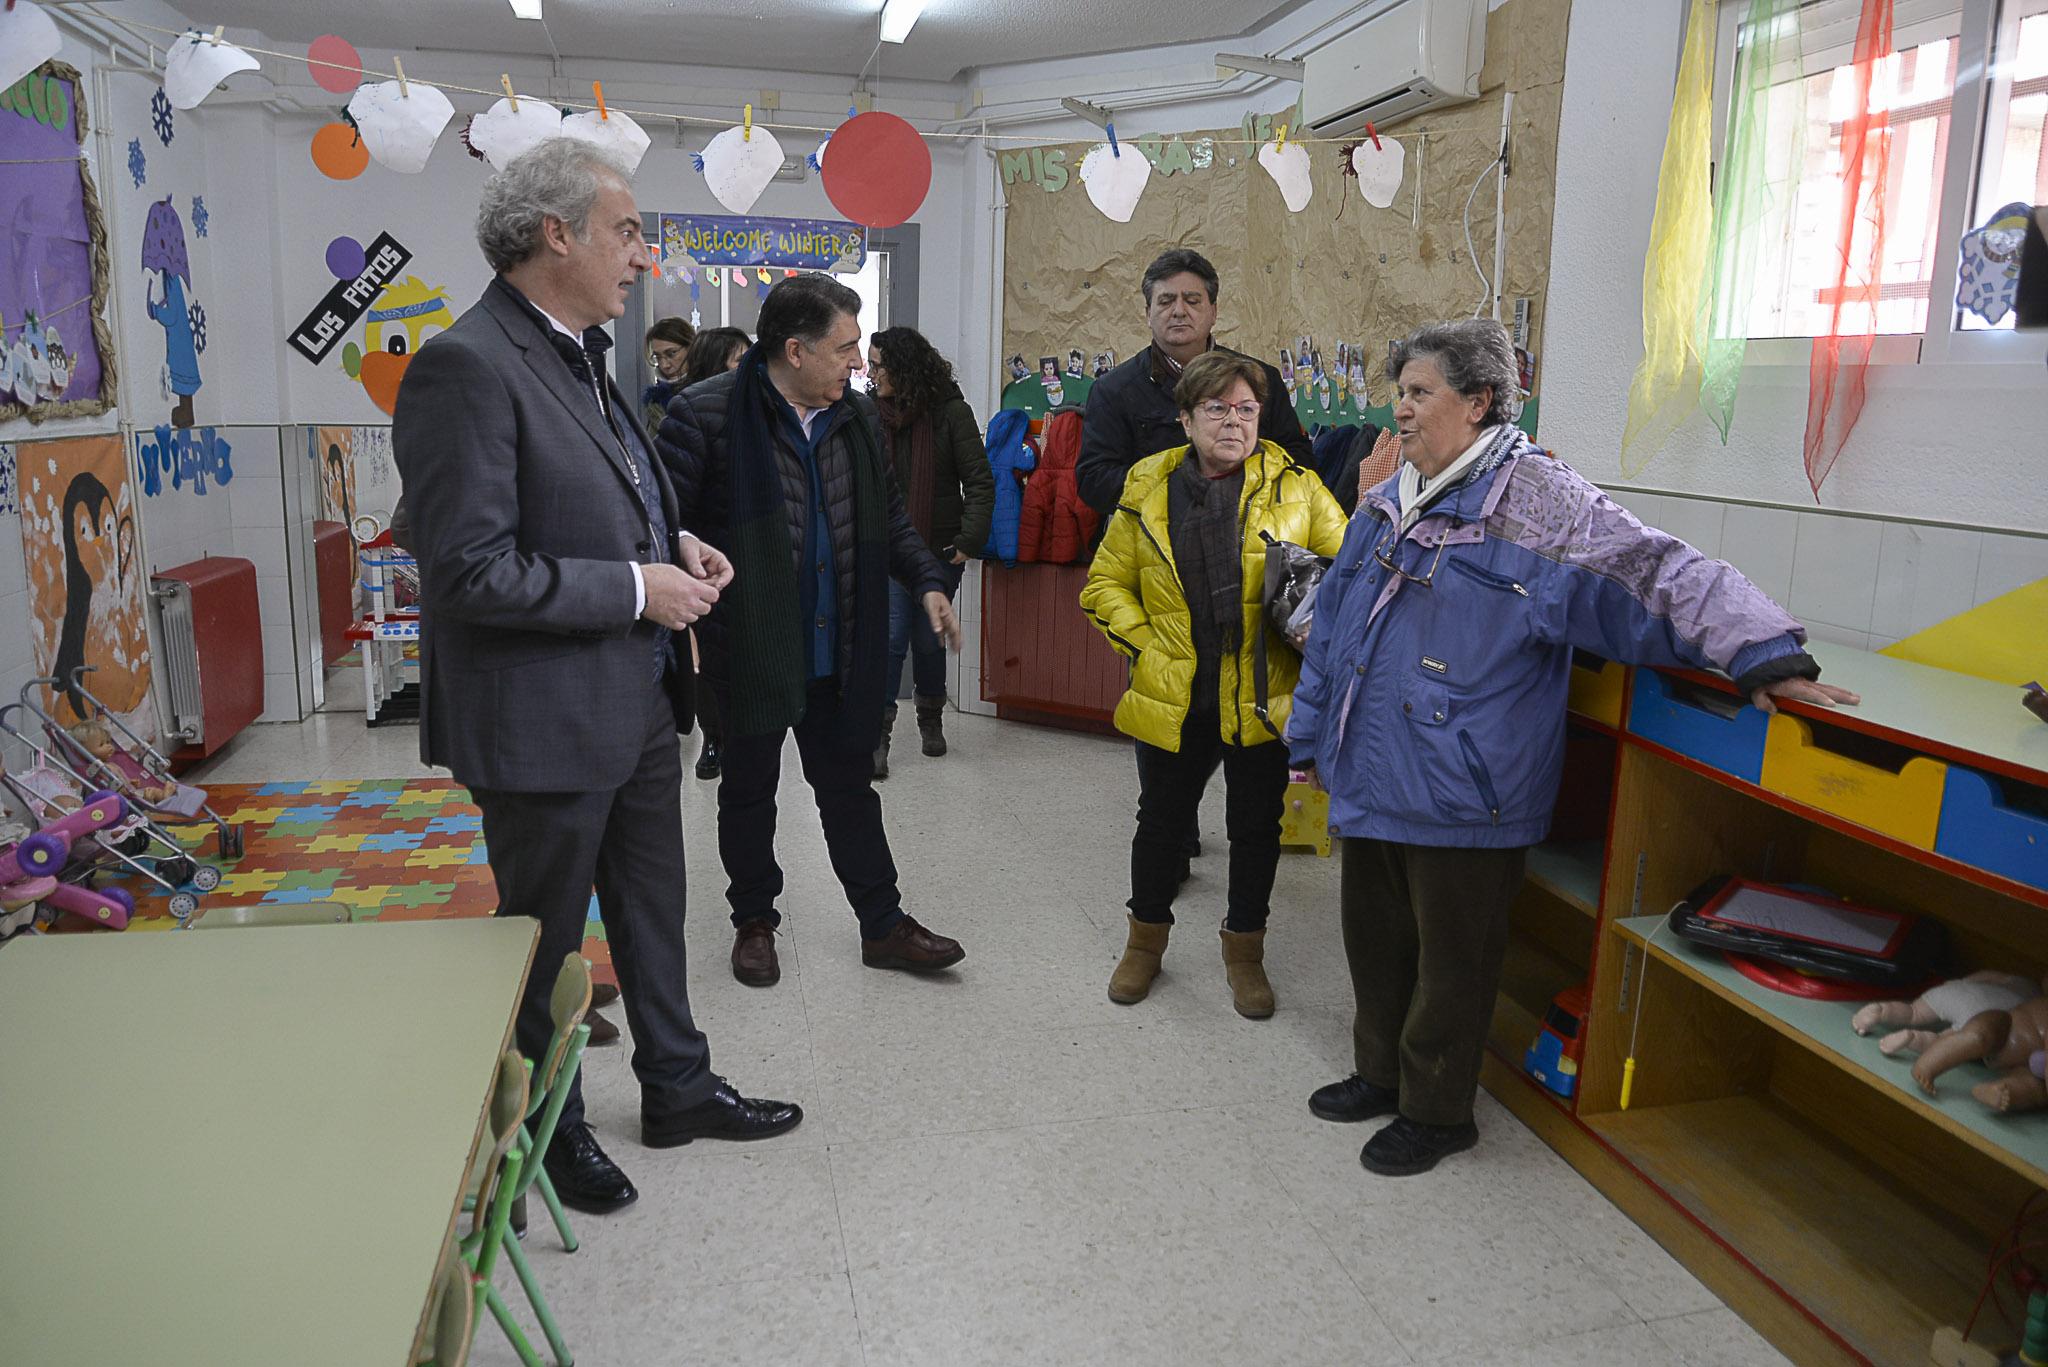 El Ayuntamiento apoya a las familias de la zona norte a través de programas socioeducativos